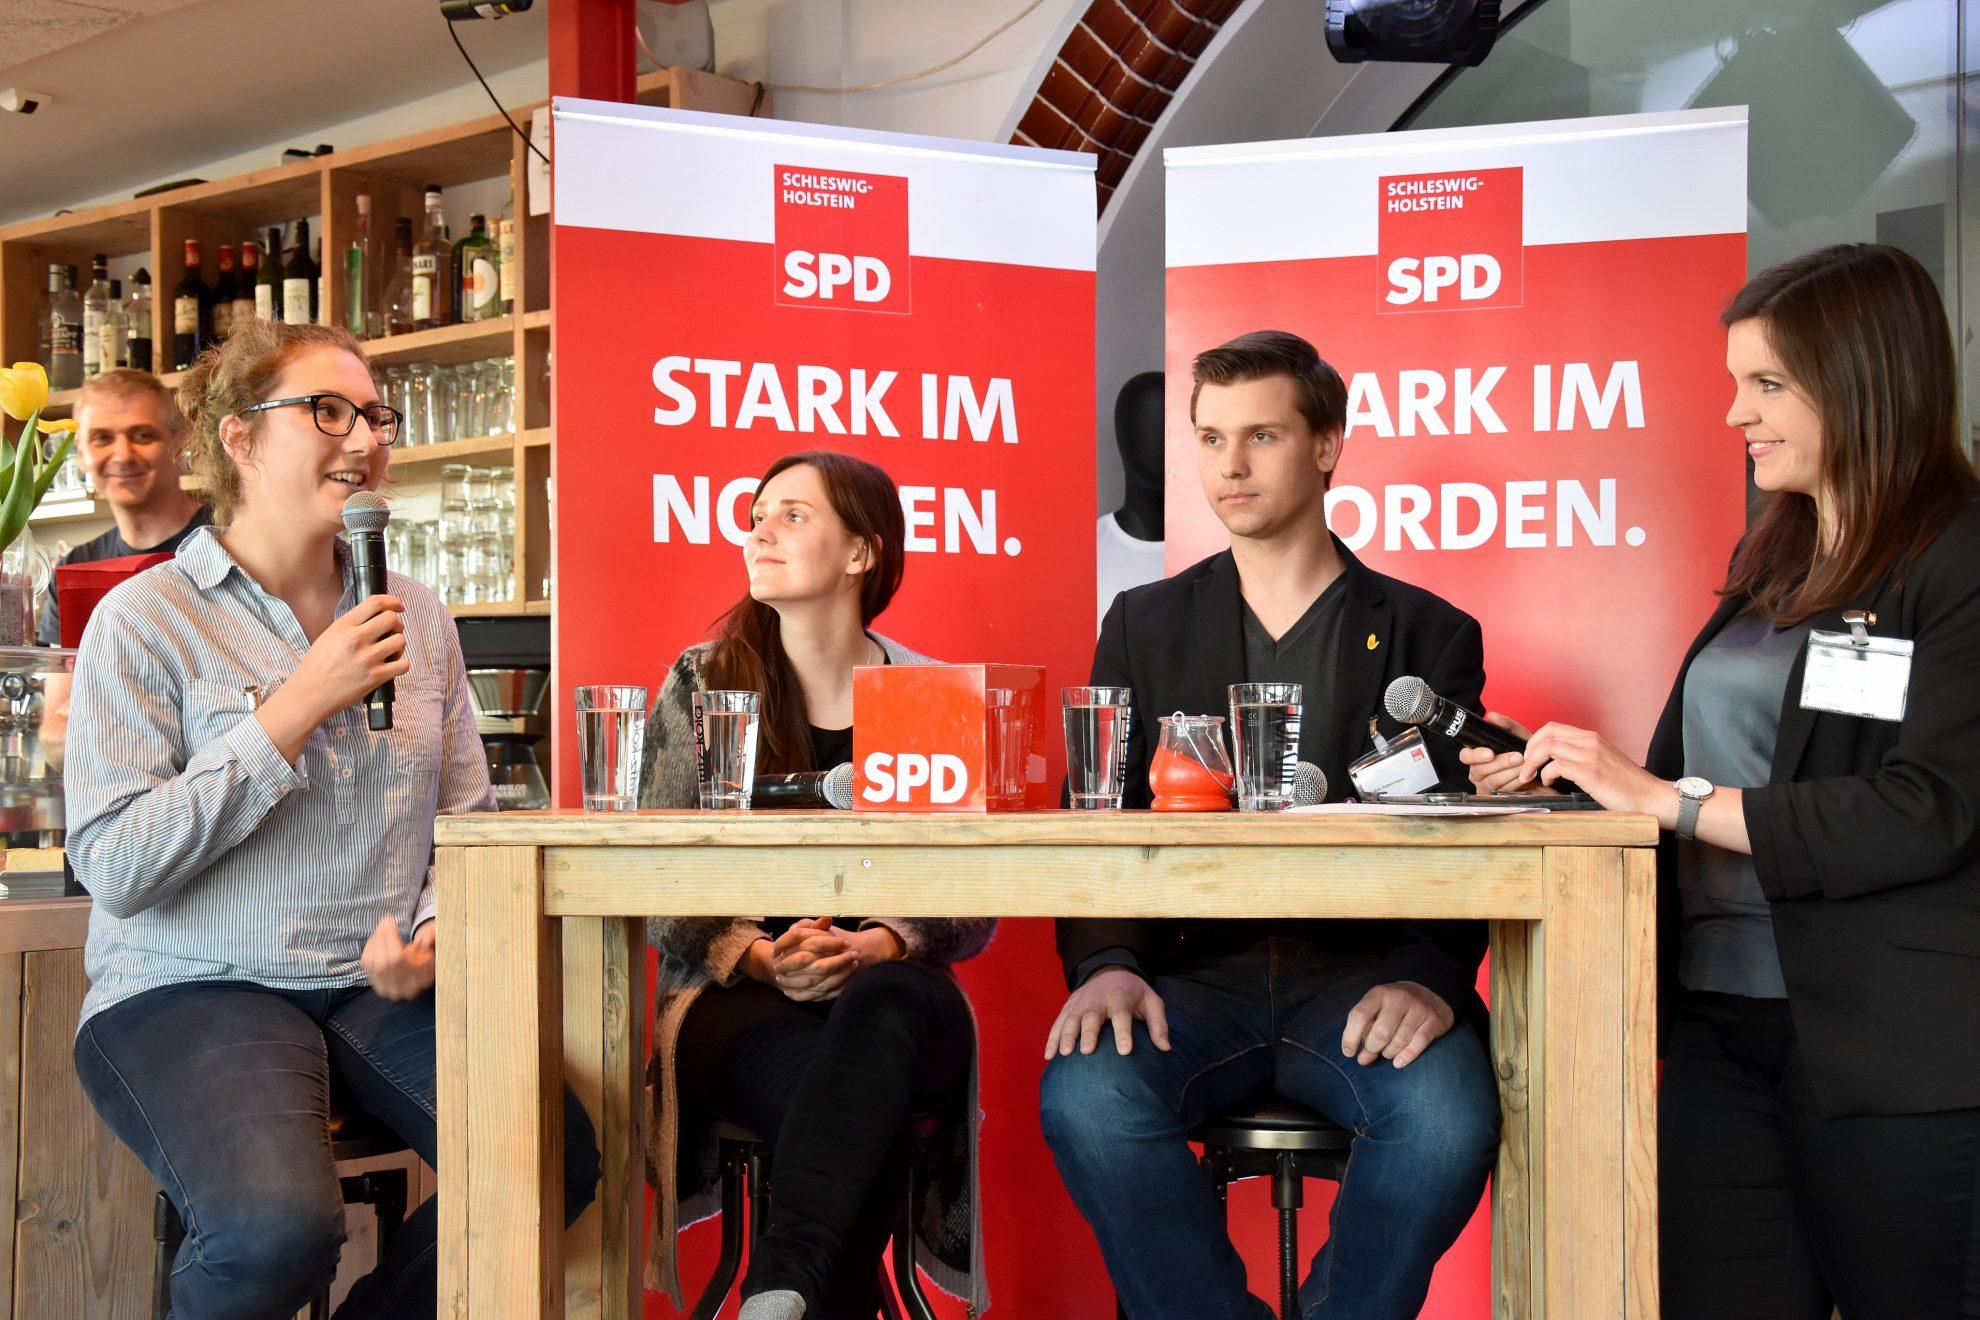 Talkrunde mit Lea Benecke (IGBCE), Sophia Schiebe (Juso-Landesvorsitzende) und Lukas Habermann (ver.di & NGG) - Moderation Christina Schubert (SPD Kiel)